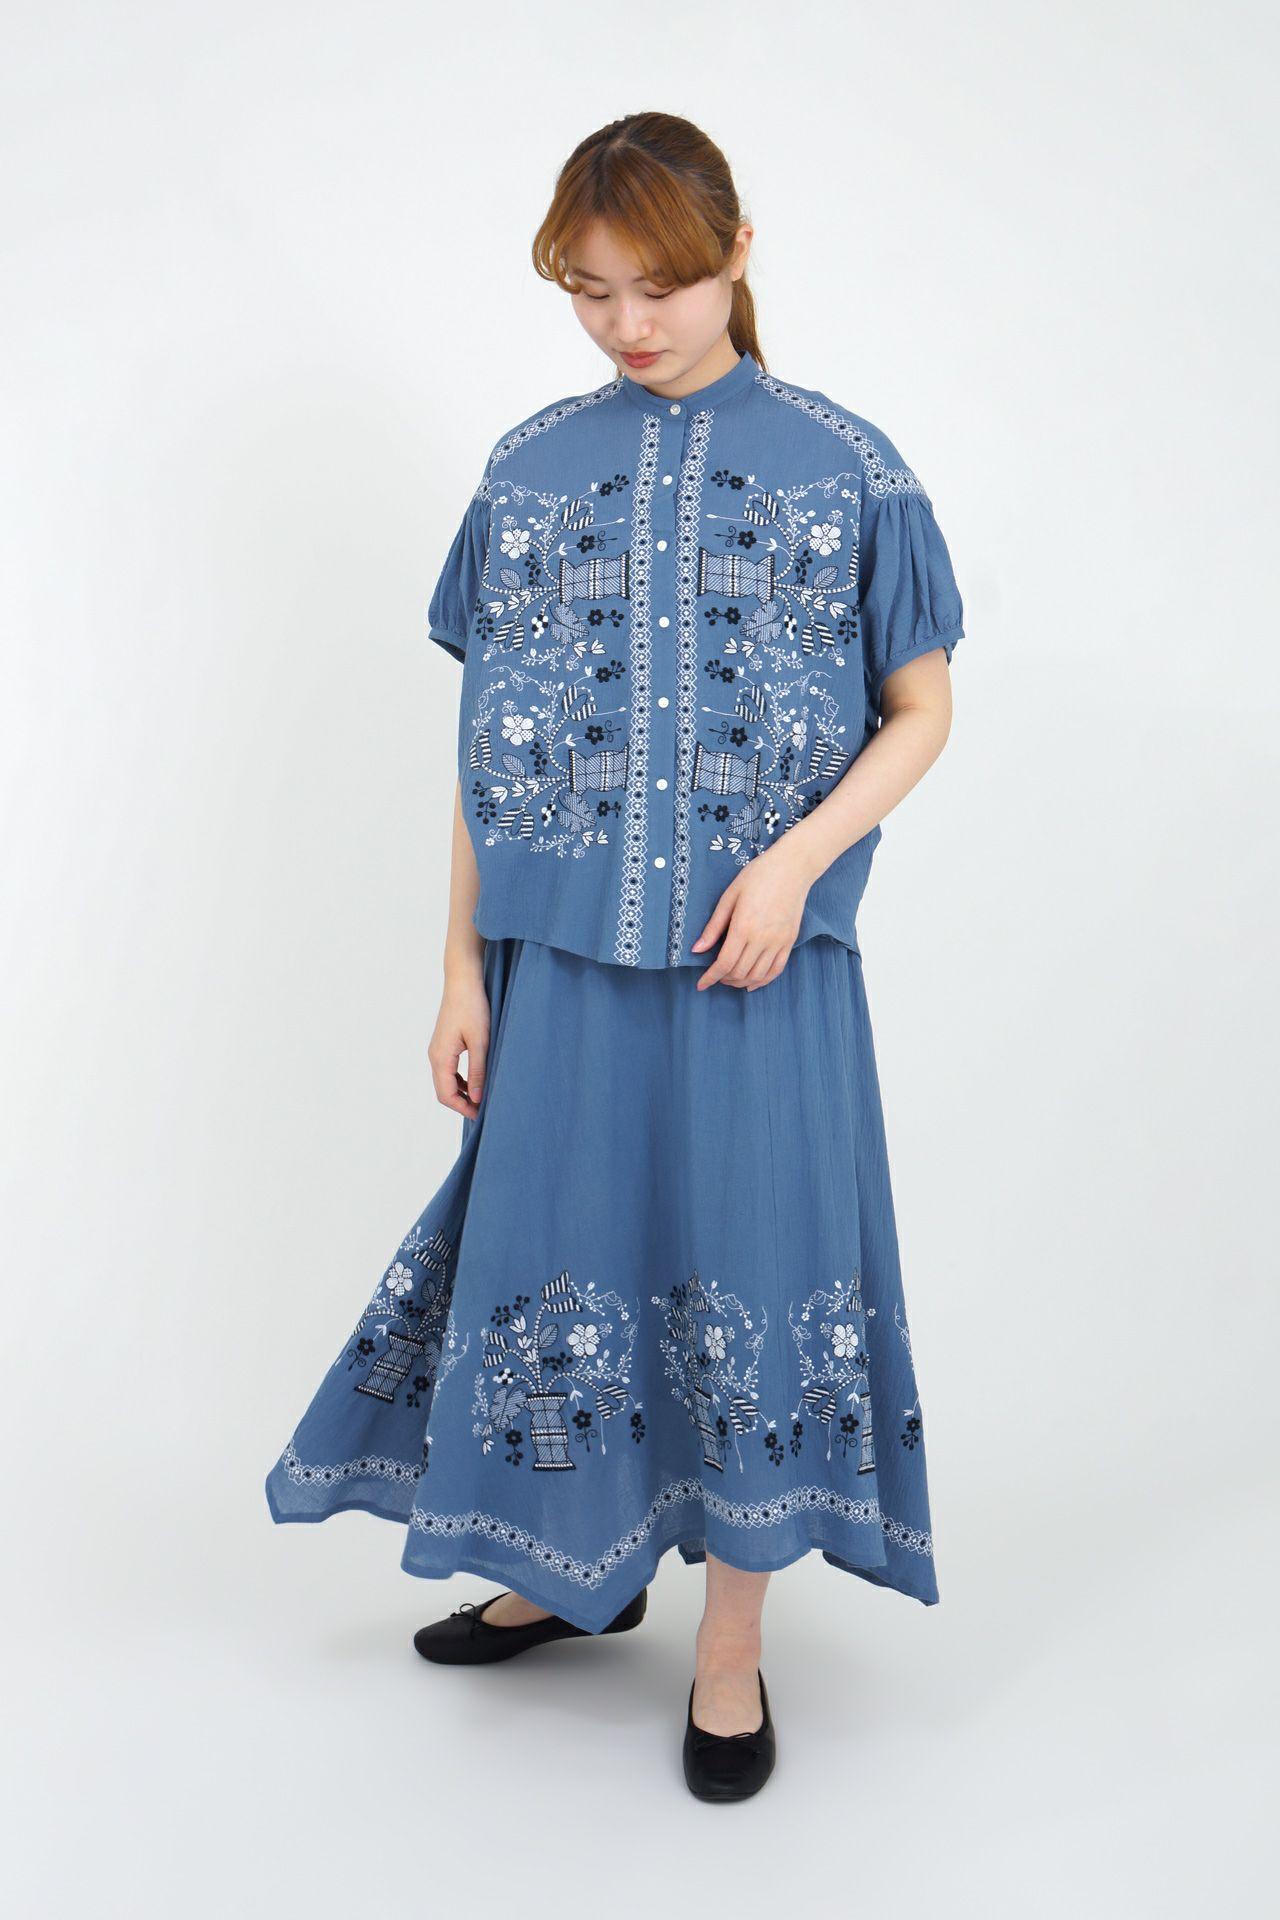 BLUE/model:165cm